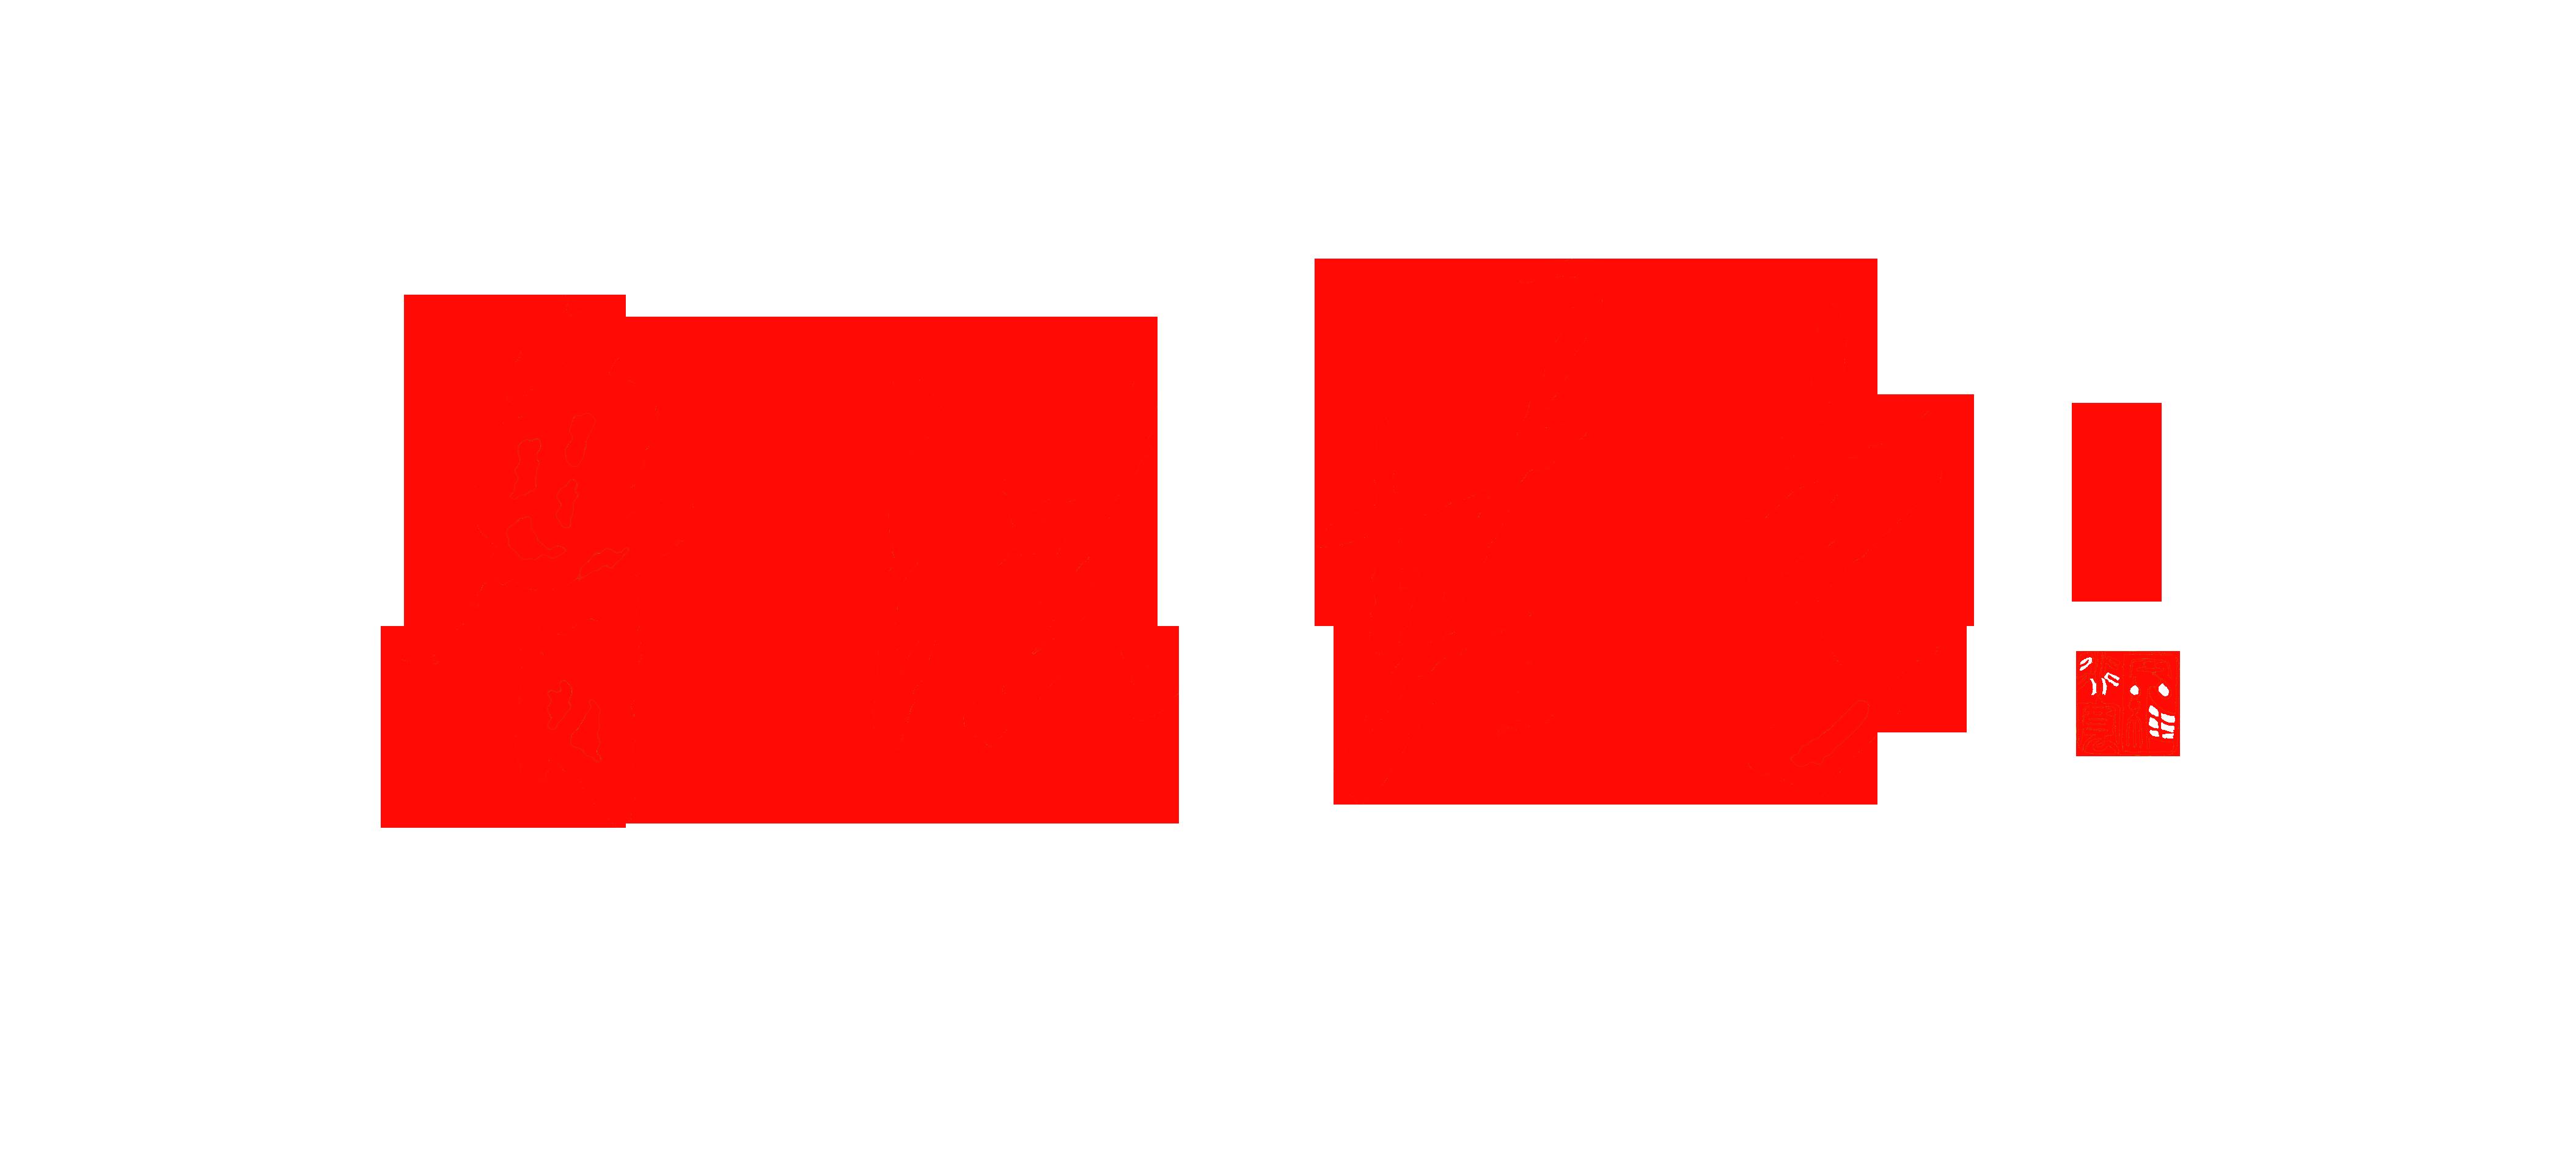 毛笔字鲁洪共享